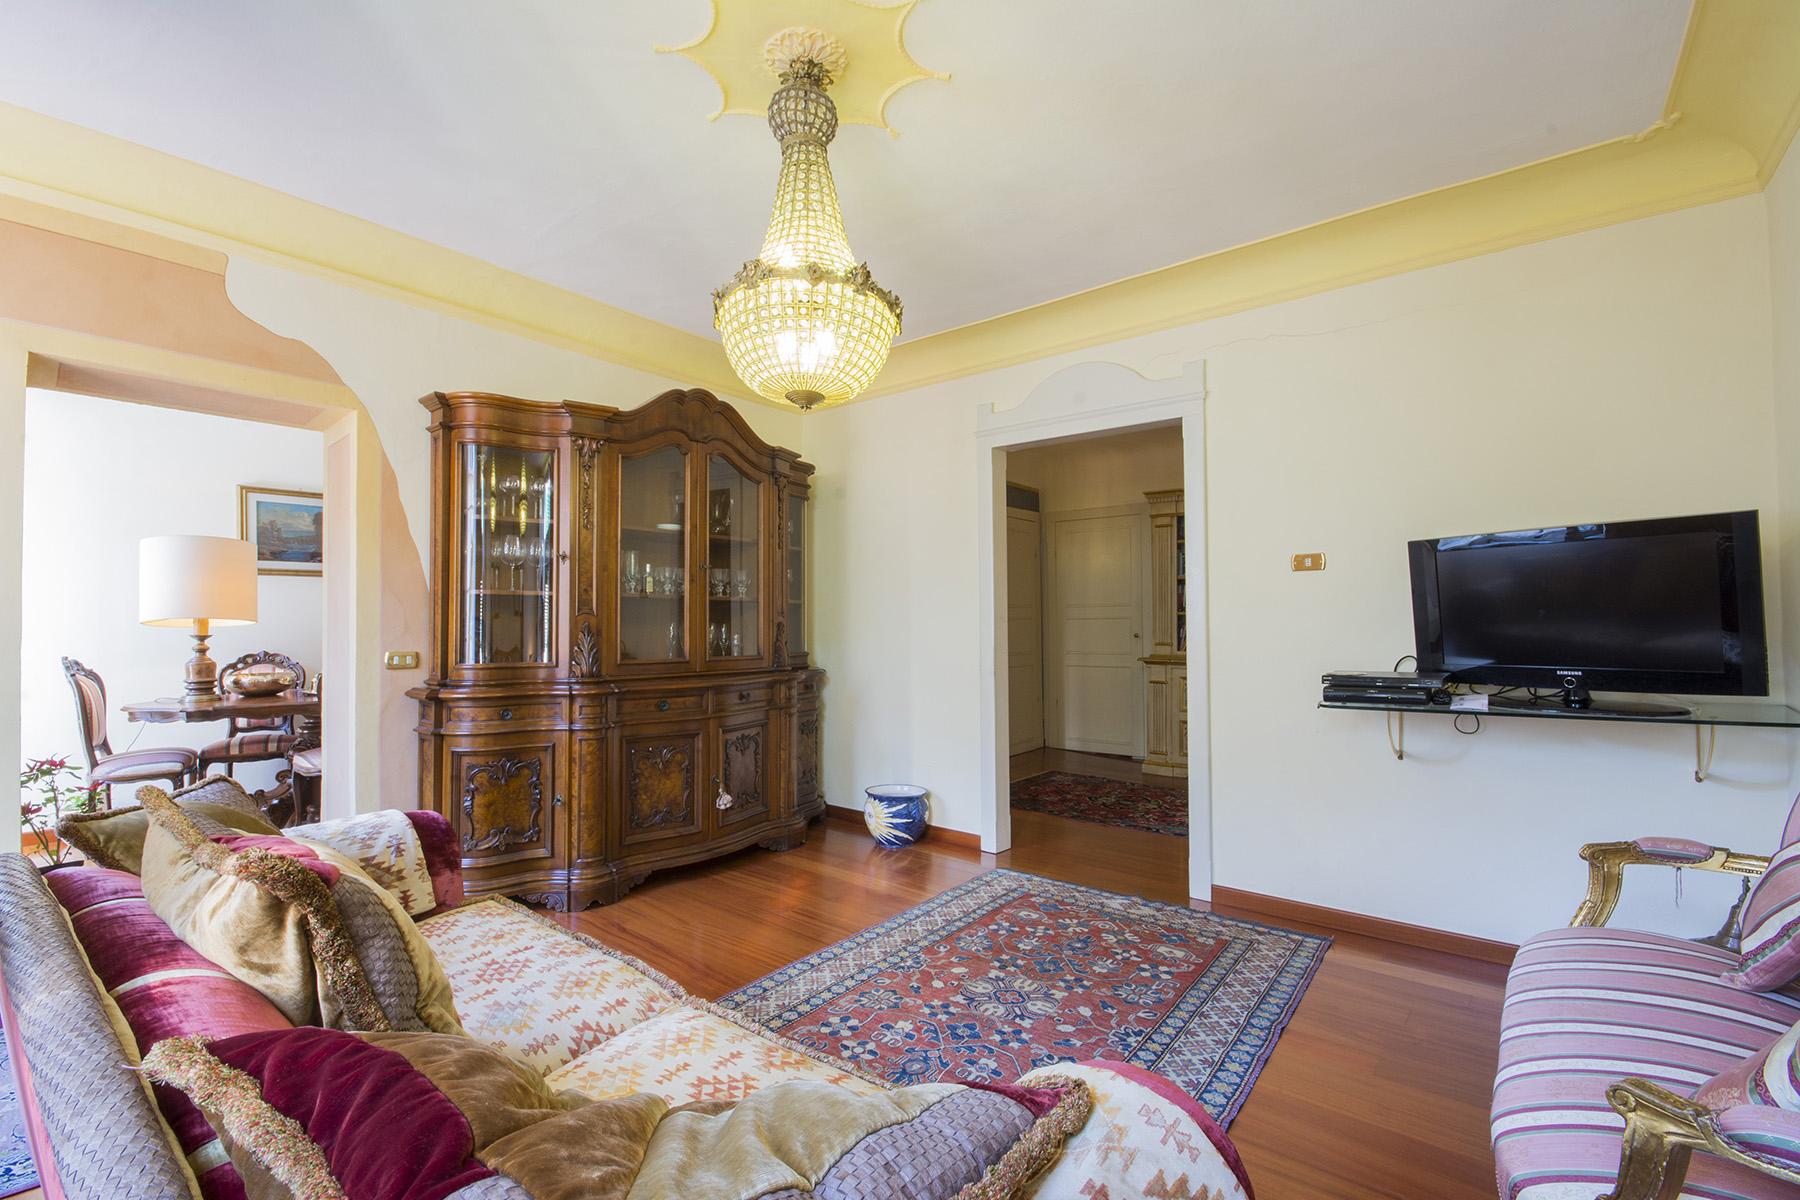 Appartamento in Vendita a Lucca: 5 locali, 115 mq - Foto 2